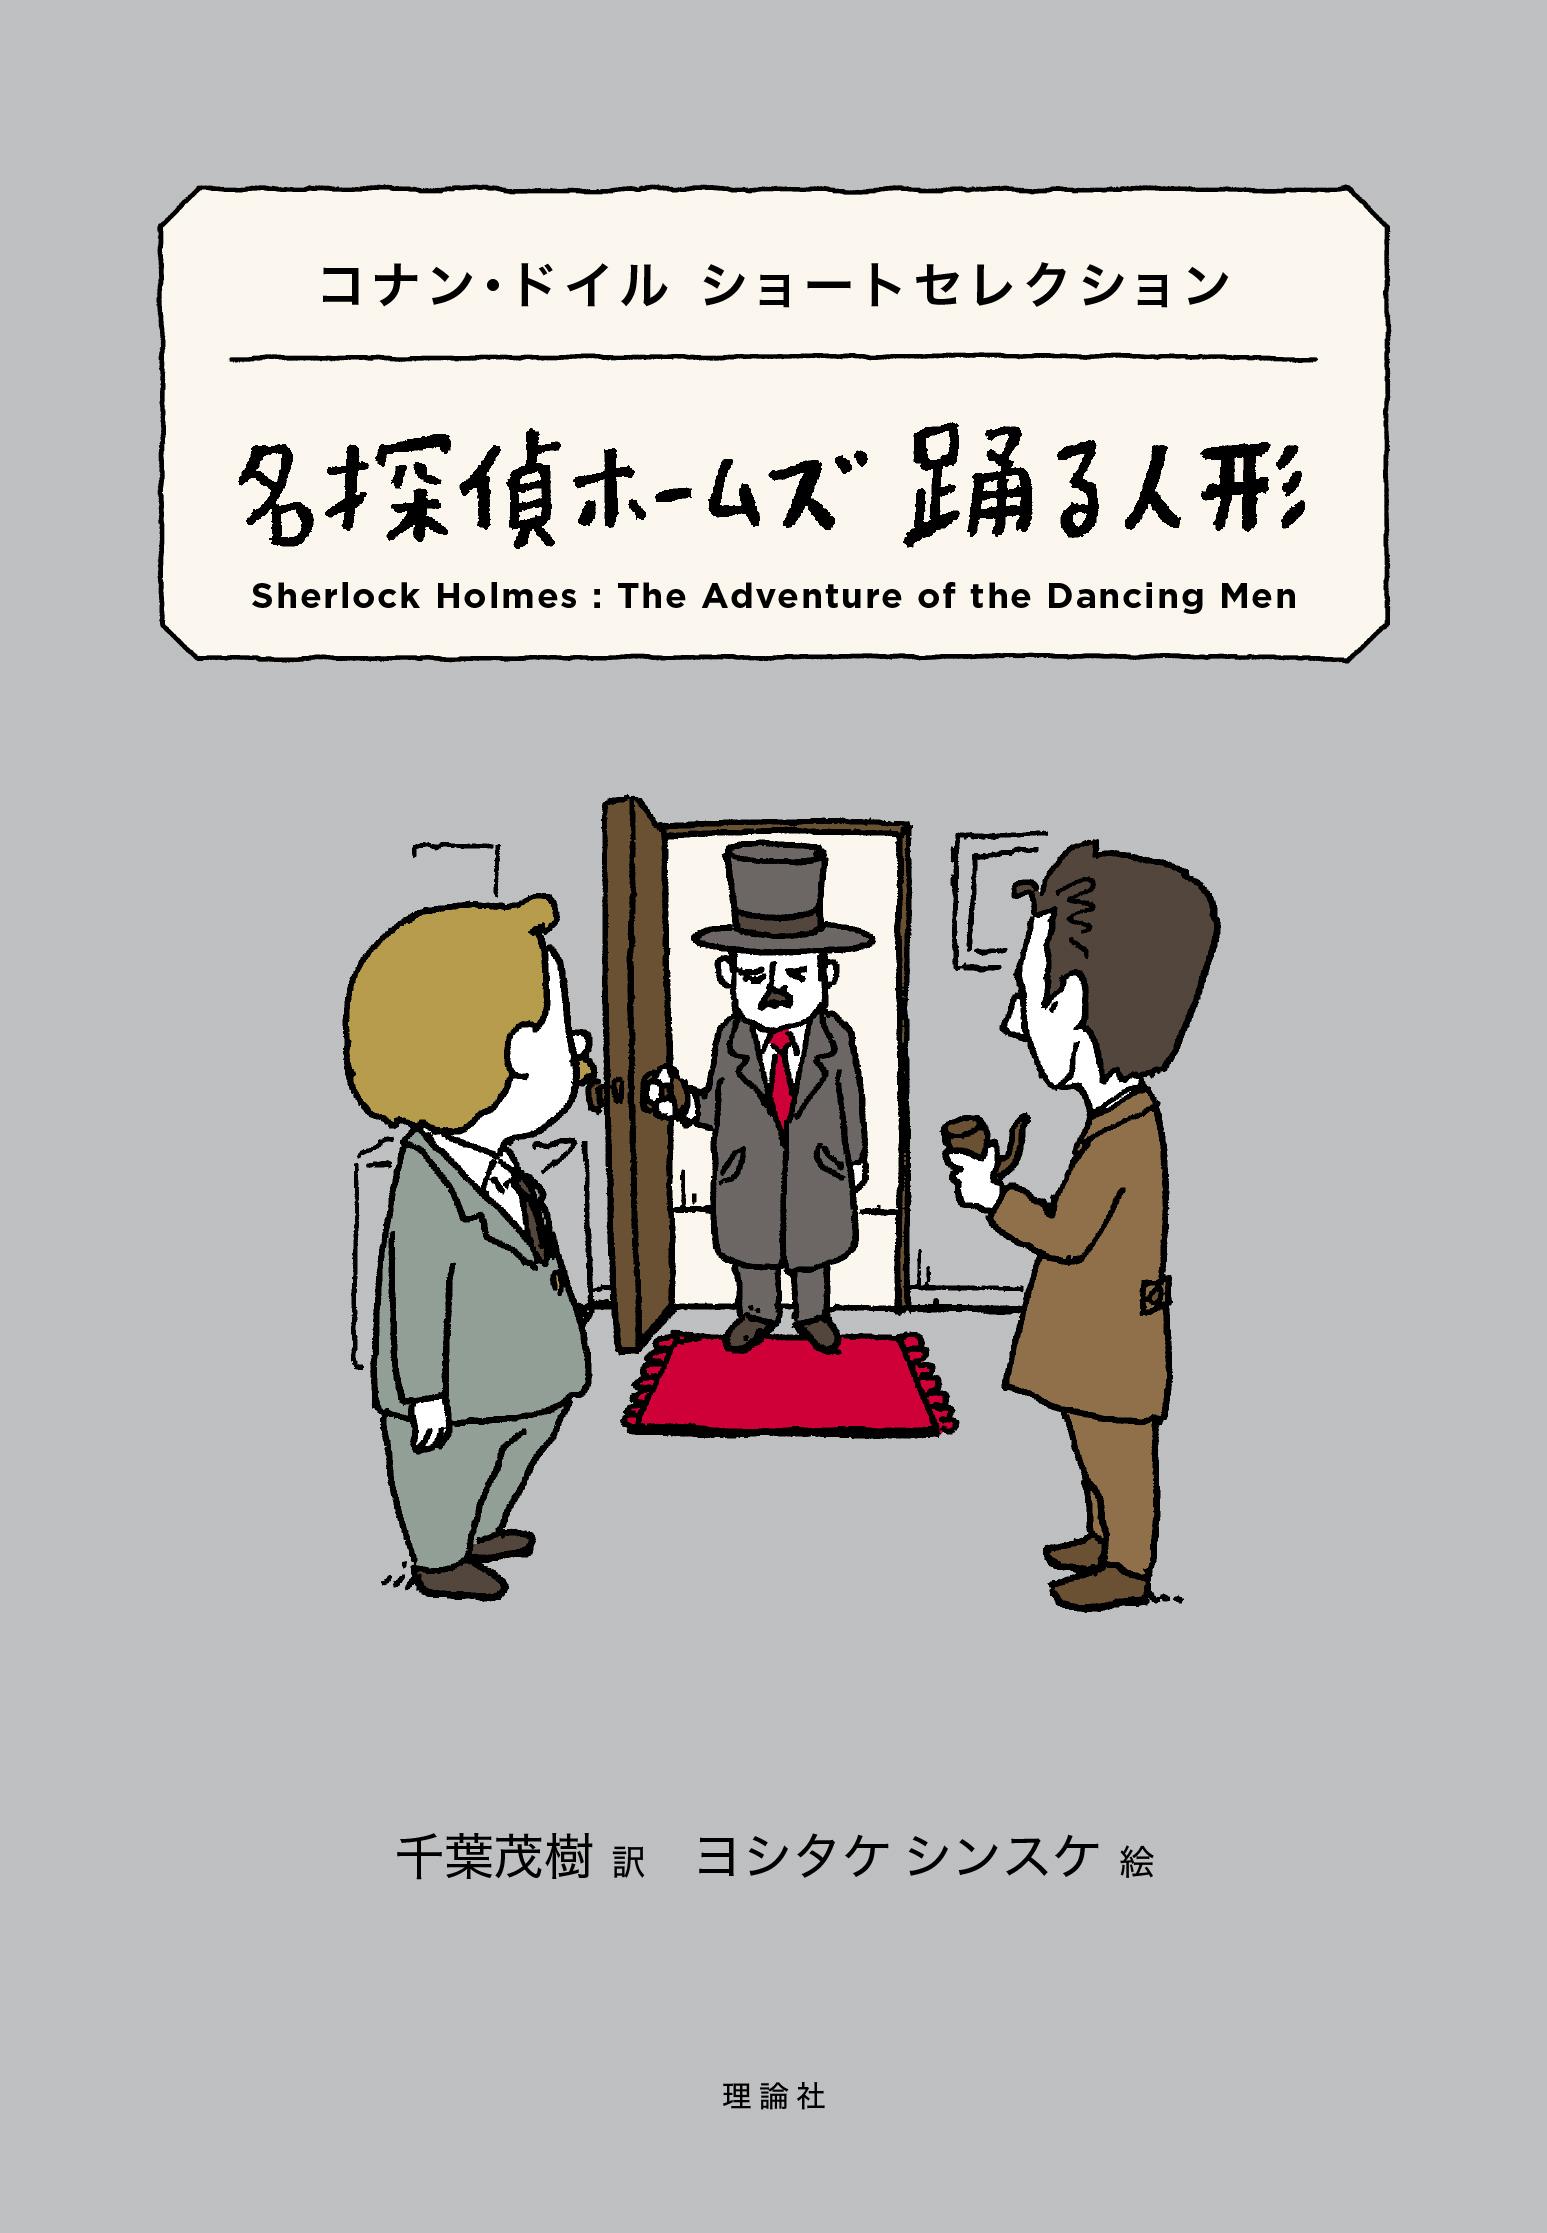 コナン・ドイル ショートセレクション 名探偵ホームズ  踊る人形